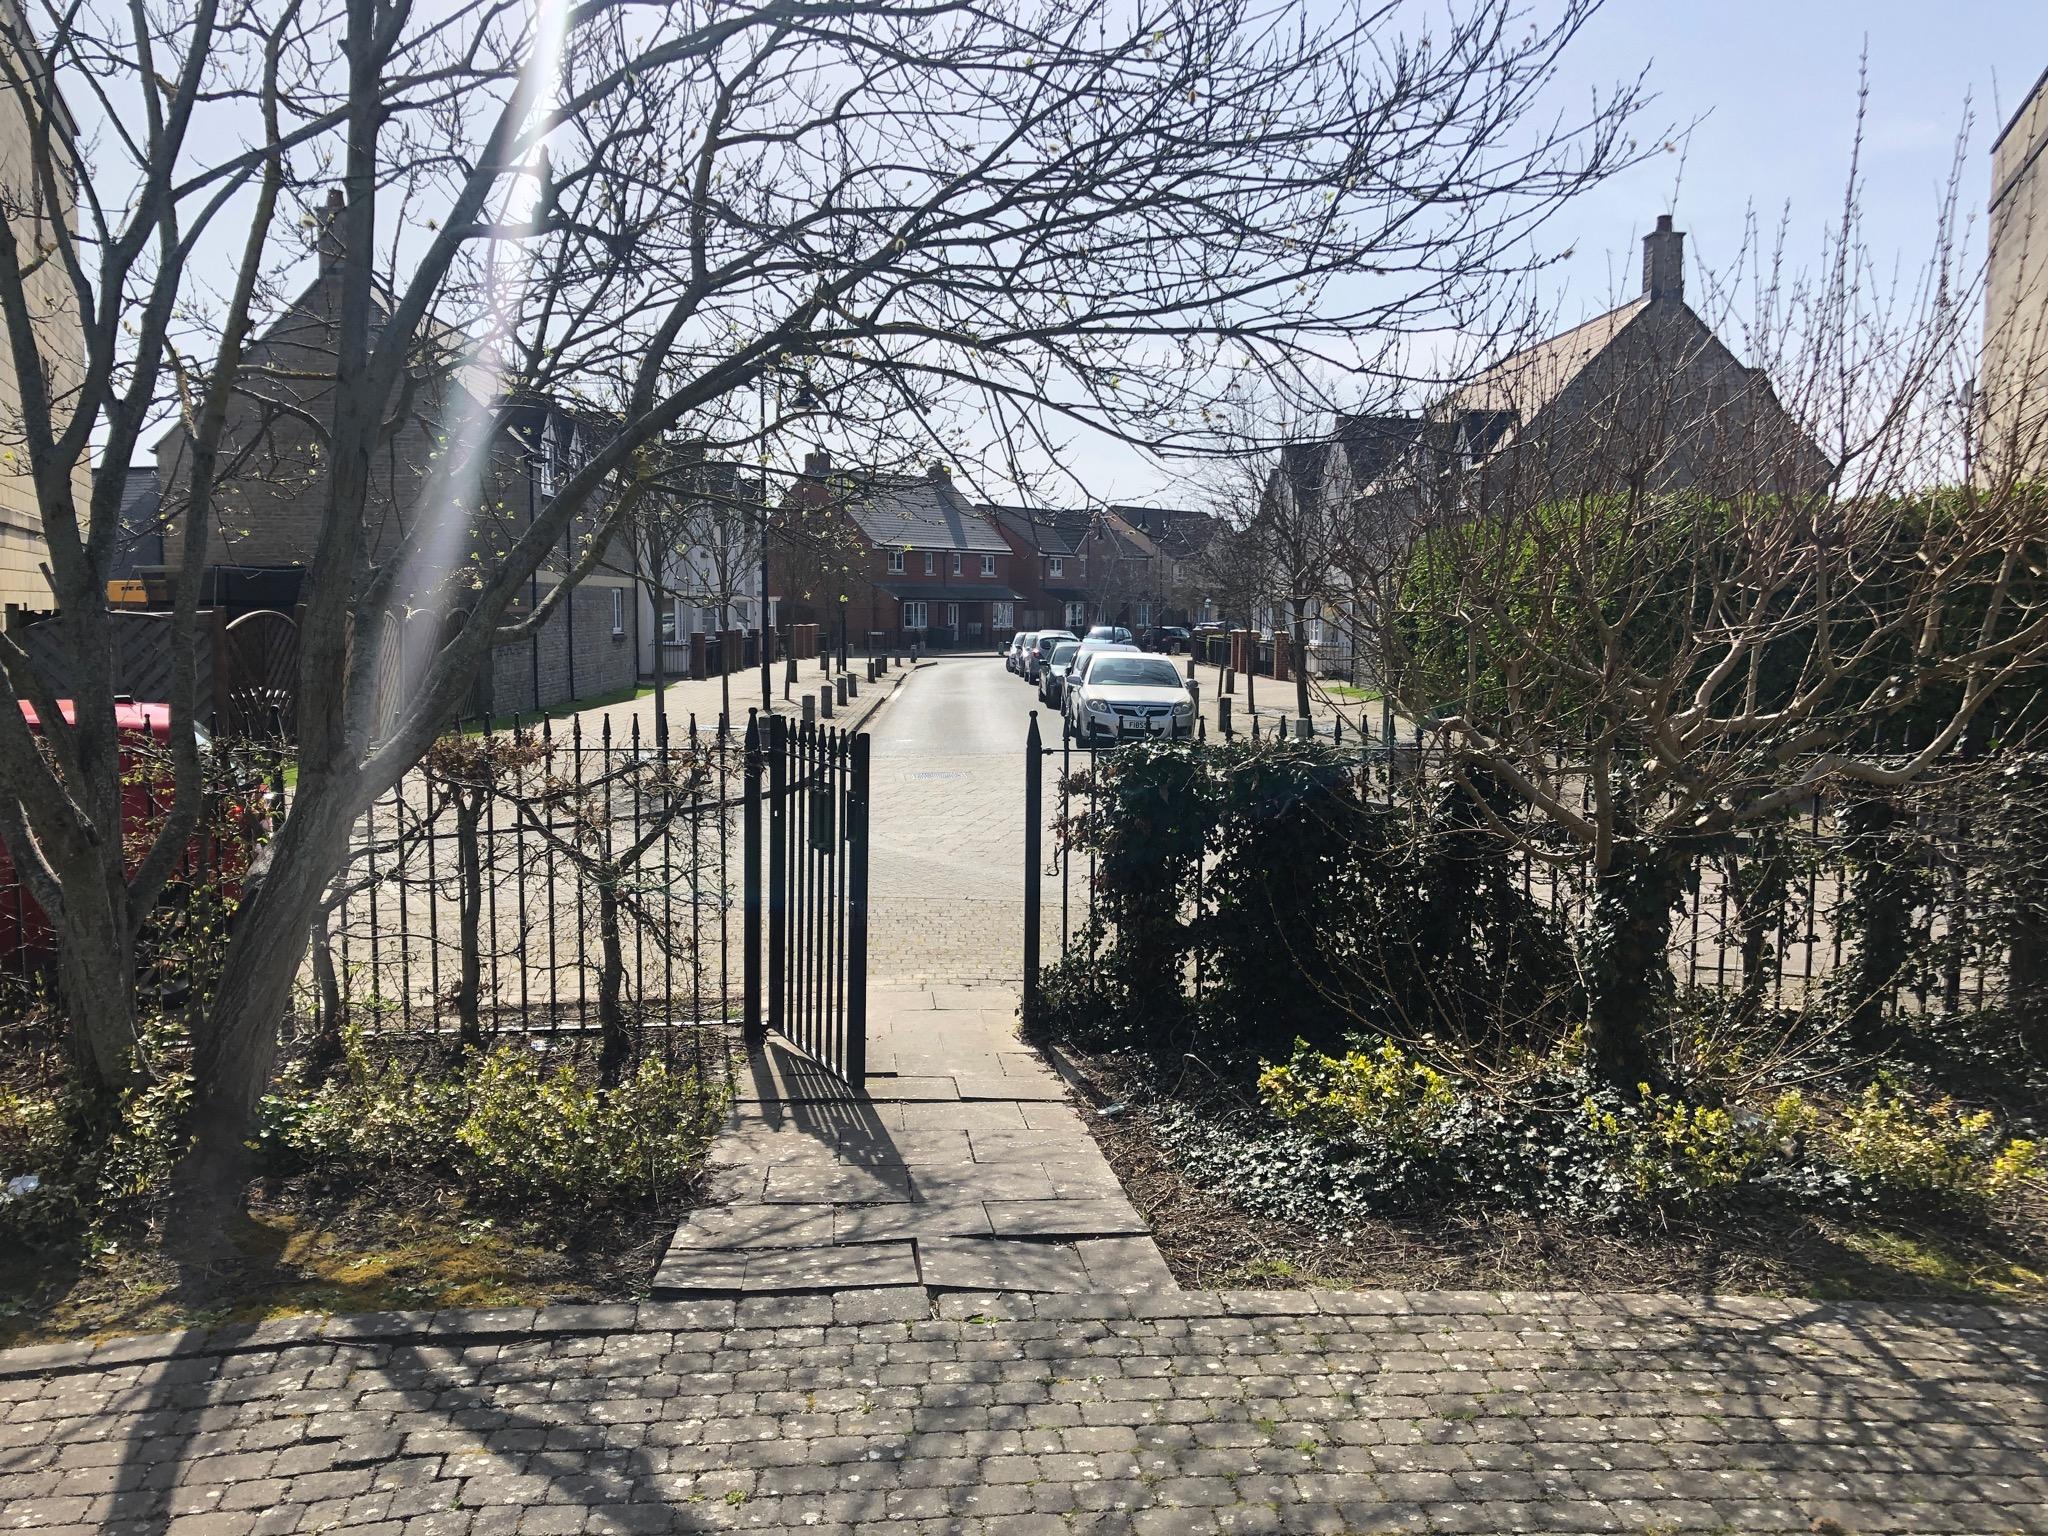 Weston Village